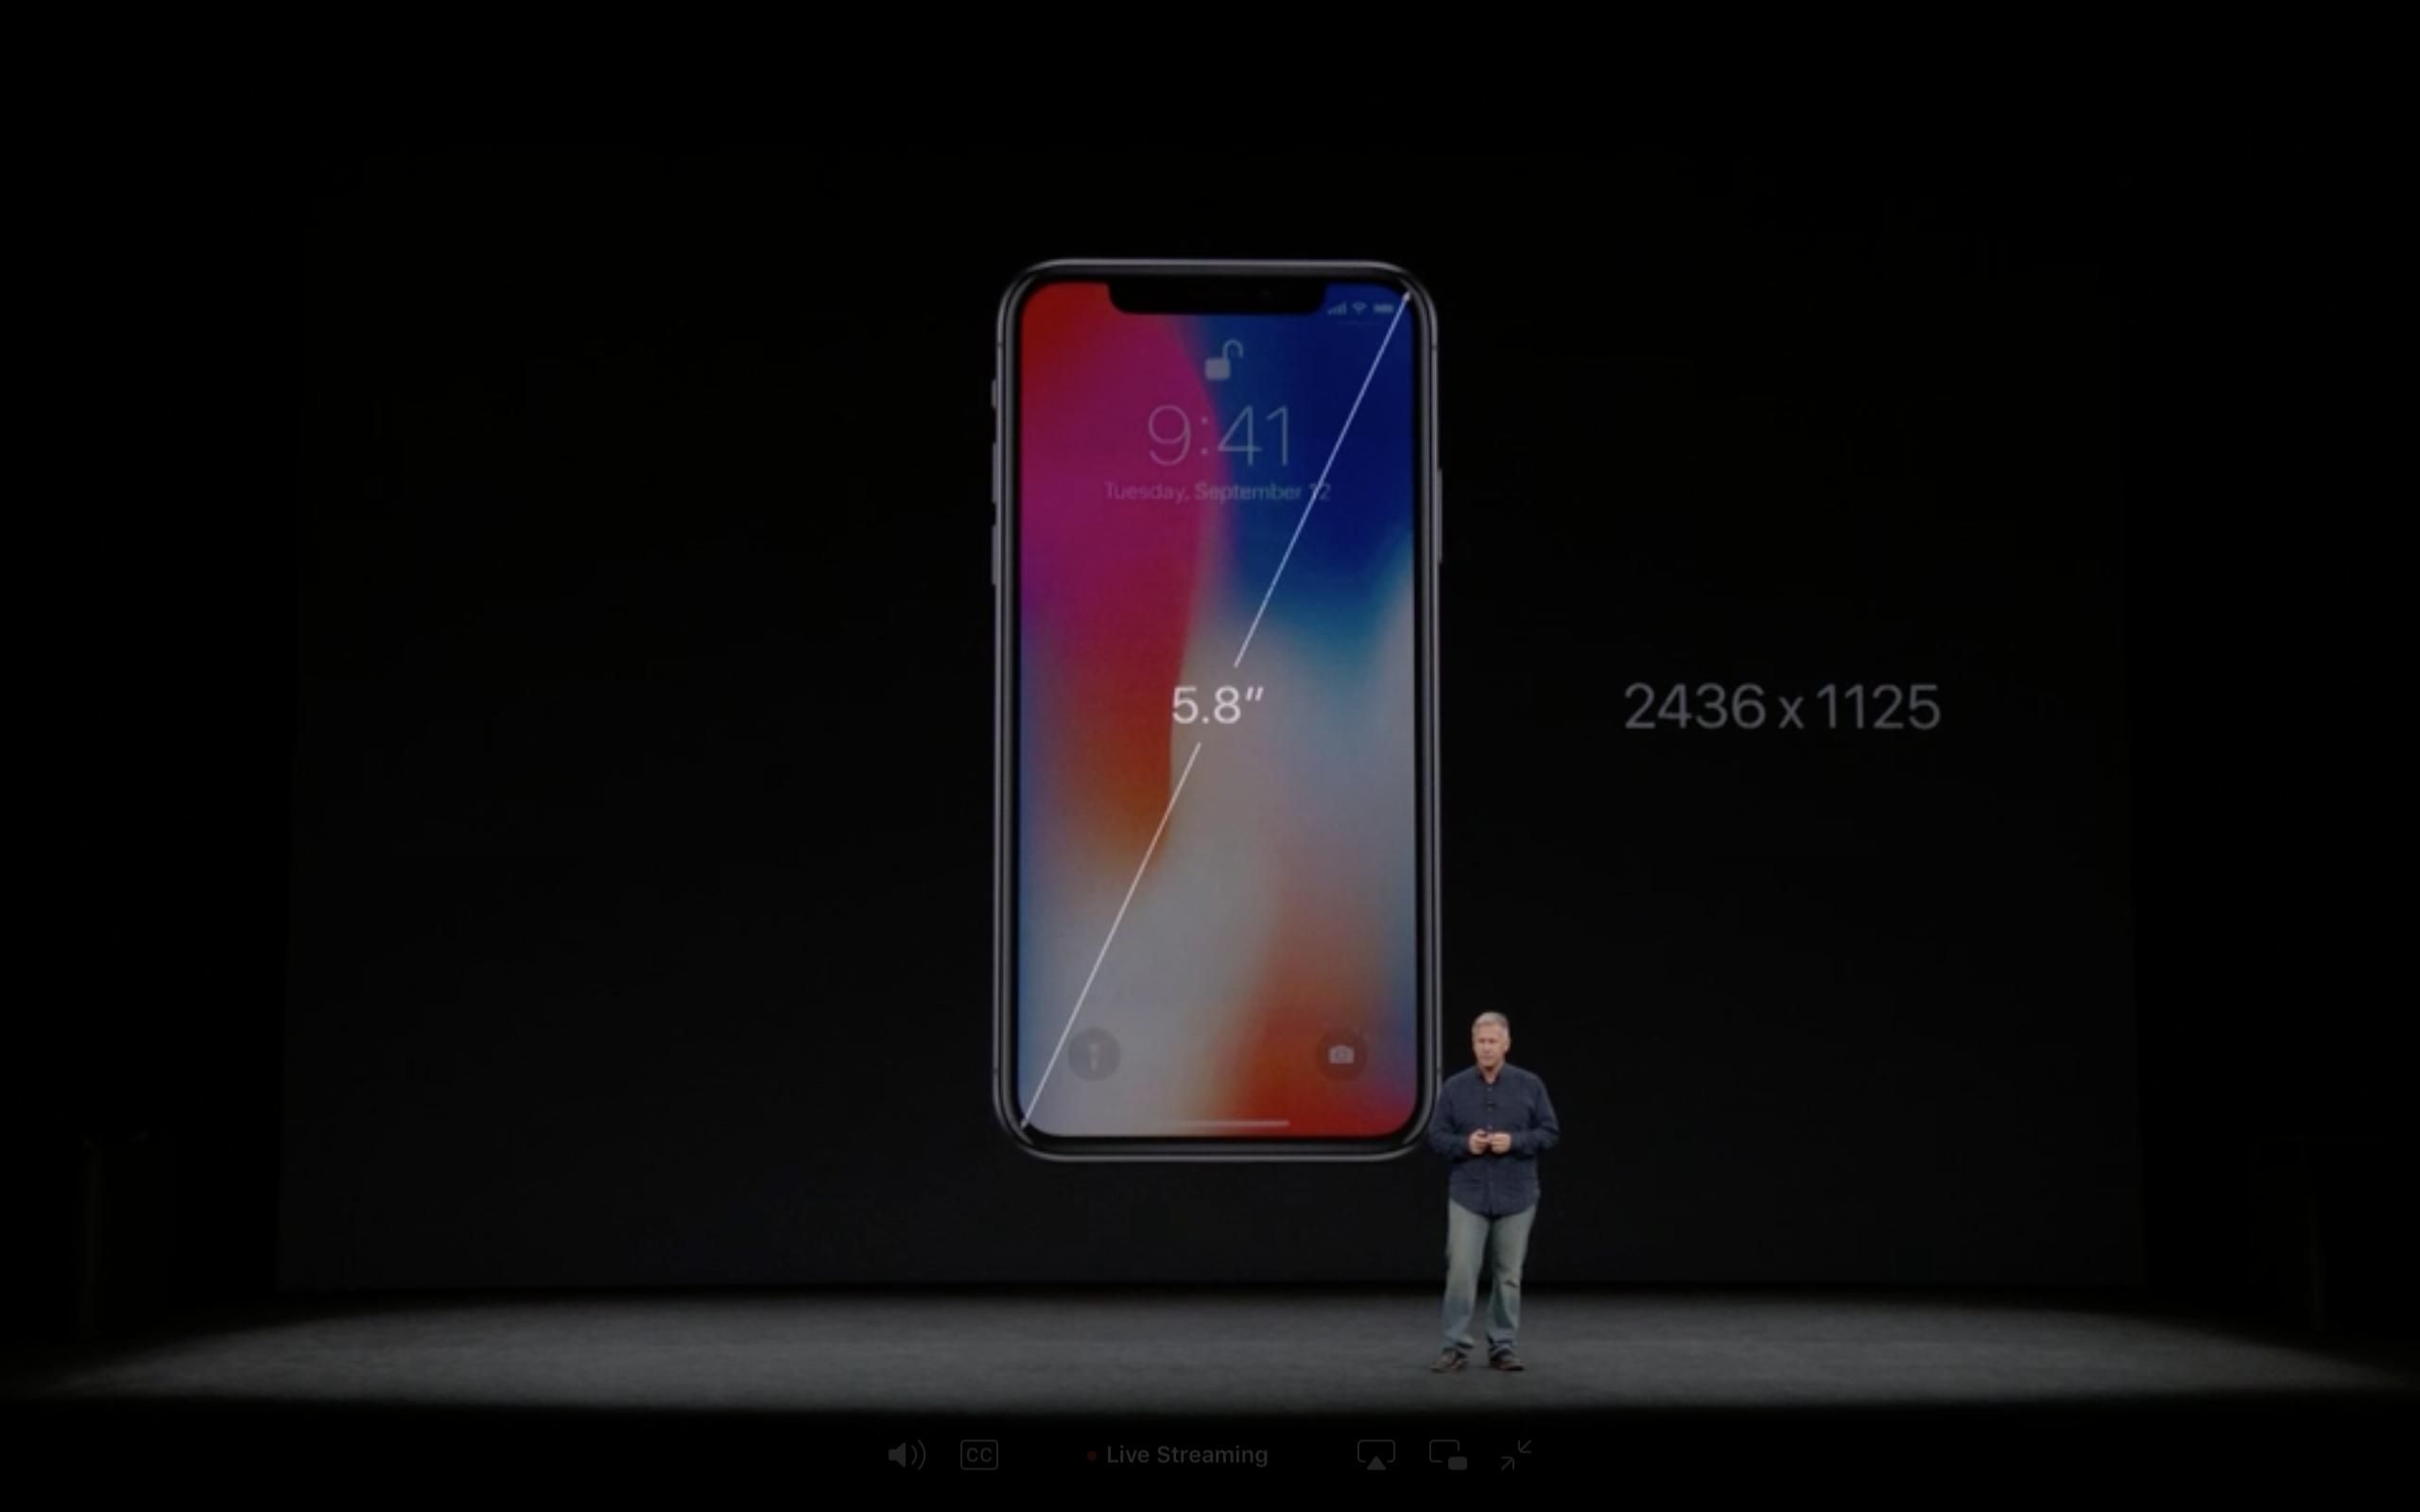 Captura de pantalla 2017-09-12 a la(s) 13.20.52